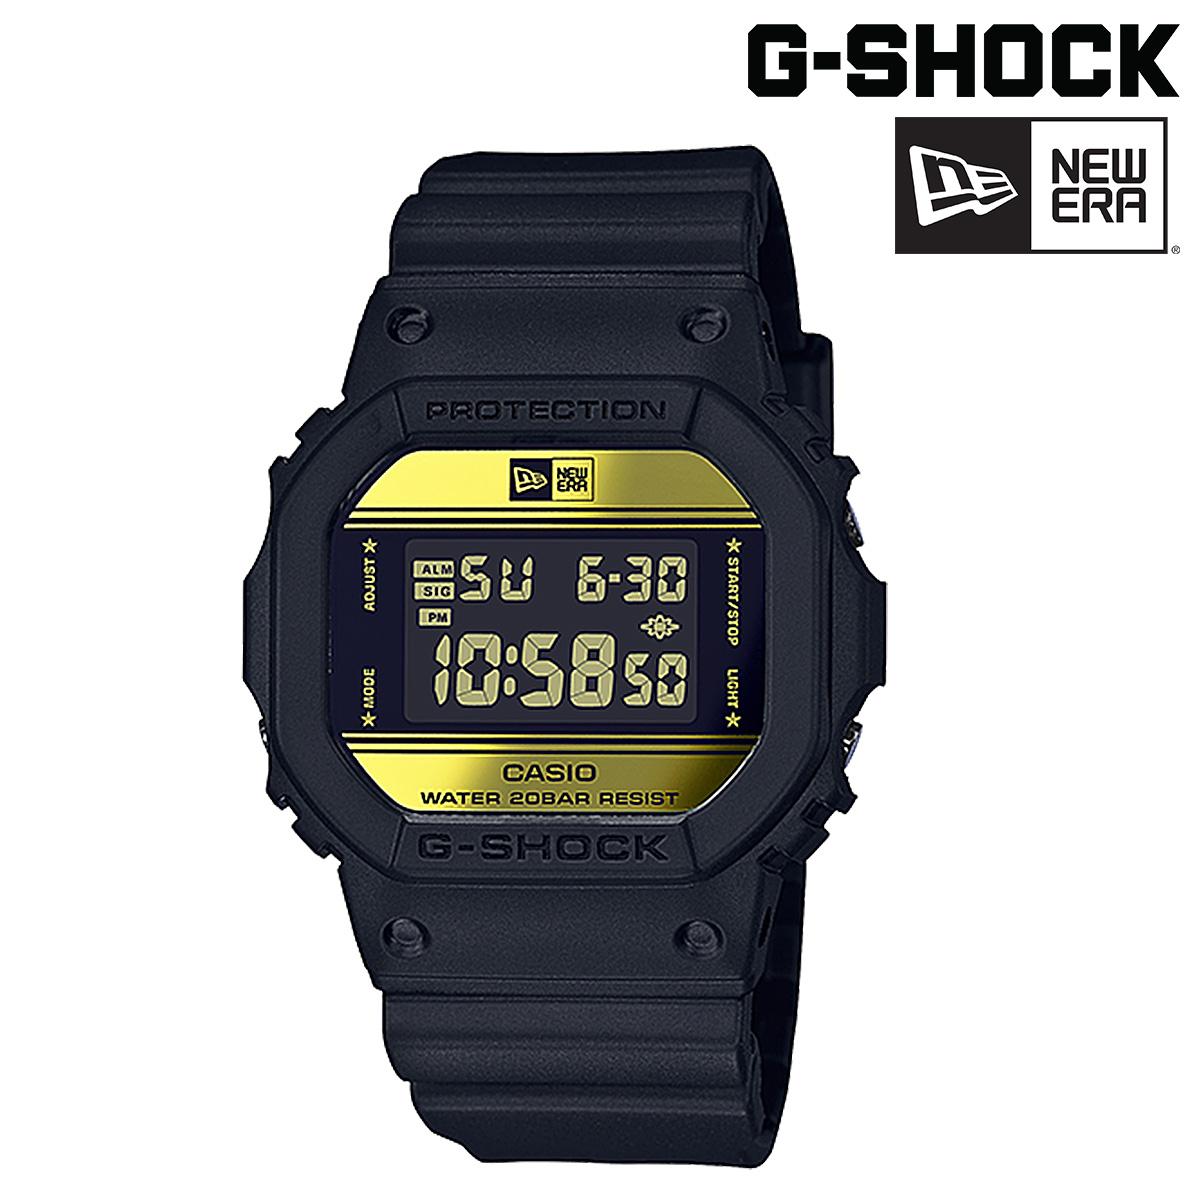 カシオ CASIO G-SHOCK ニューエラ NEWERA 腕時計 DW-5600NE-1JR コラボ ジーショック Gショック G-ショック ブラック メンズ レディース [9/5 再入荷]